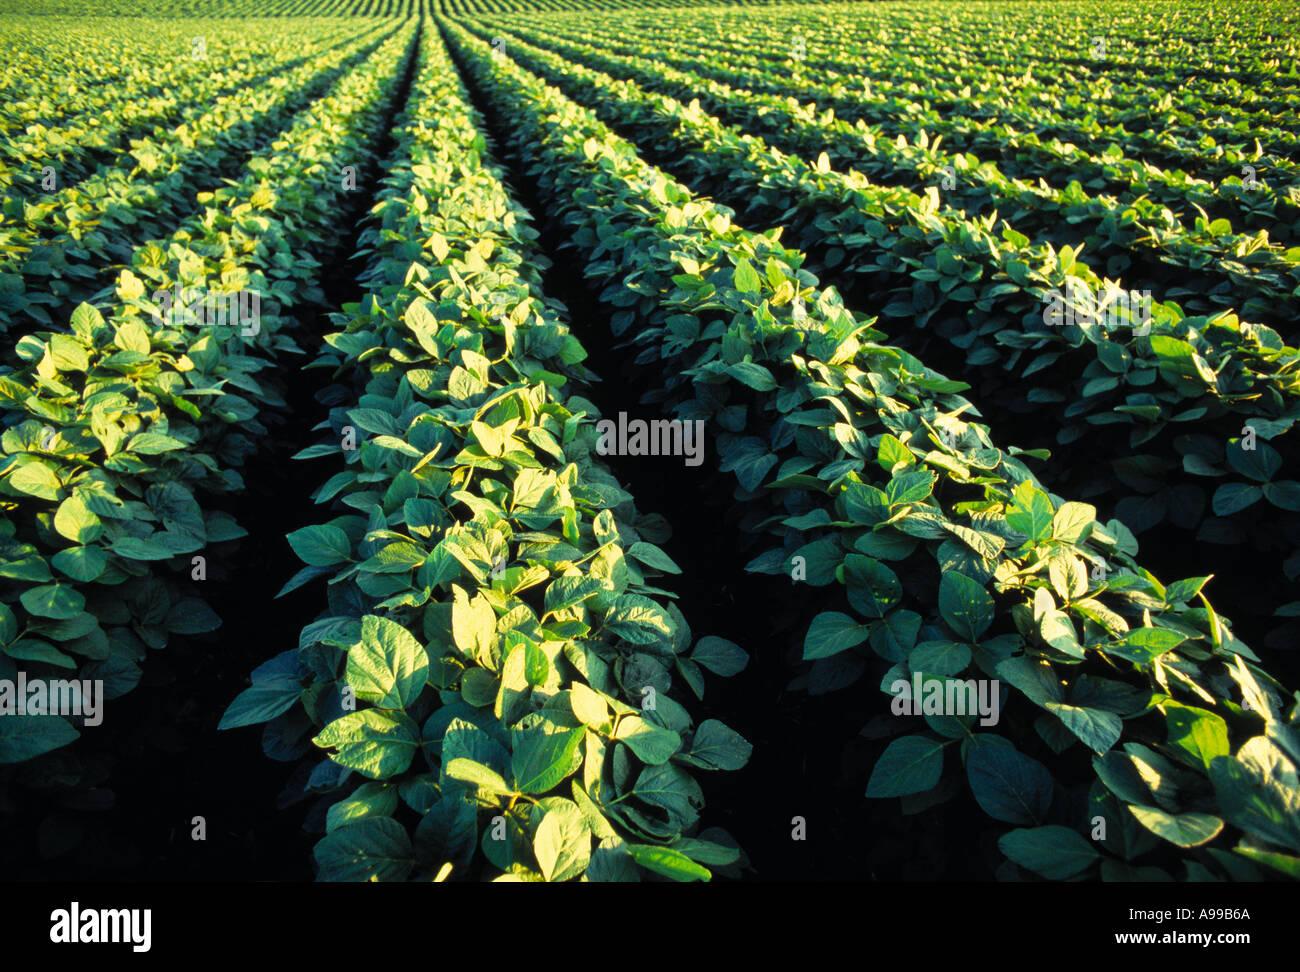 La croissance de l'Agriculture - Milieu / champ de soja en Iowa, États-Unis. Banque D'Images